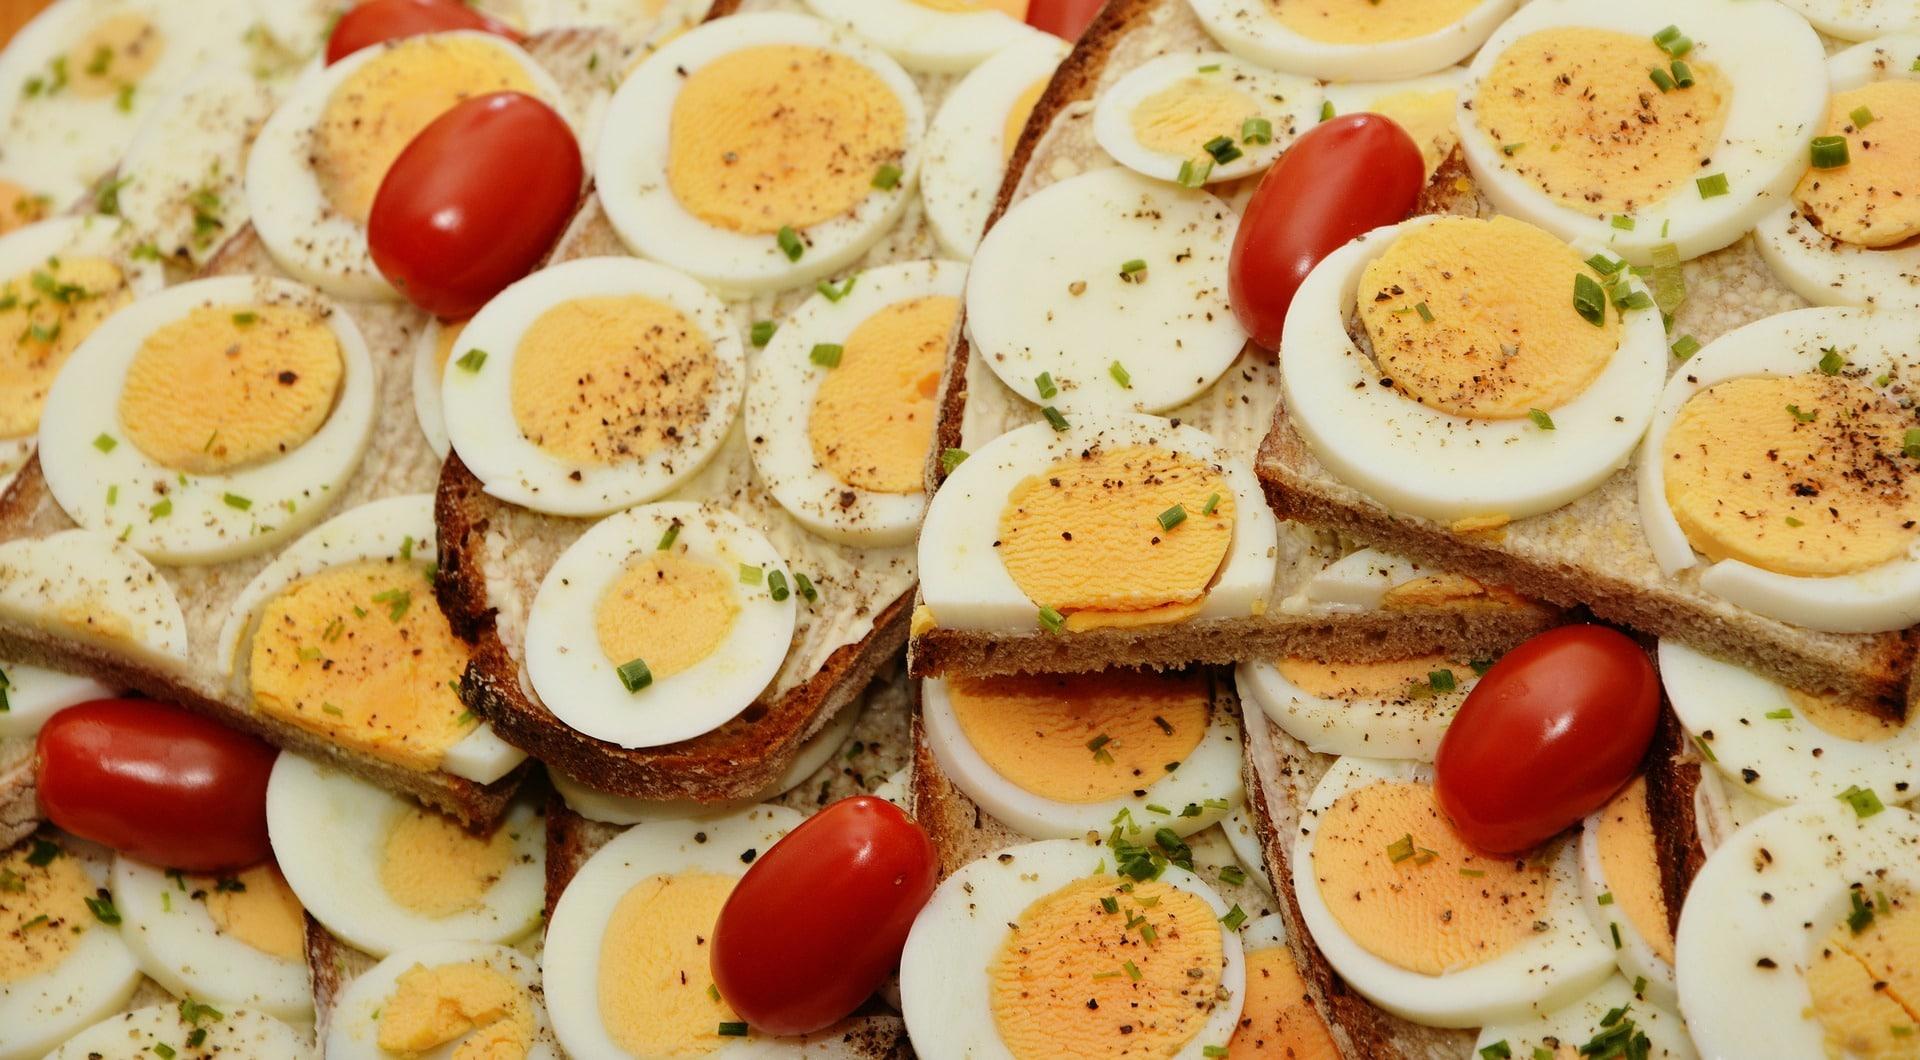 Яйца - источник белка на завтрак